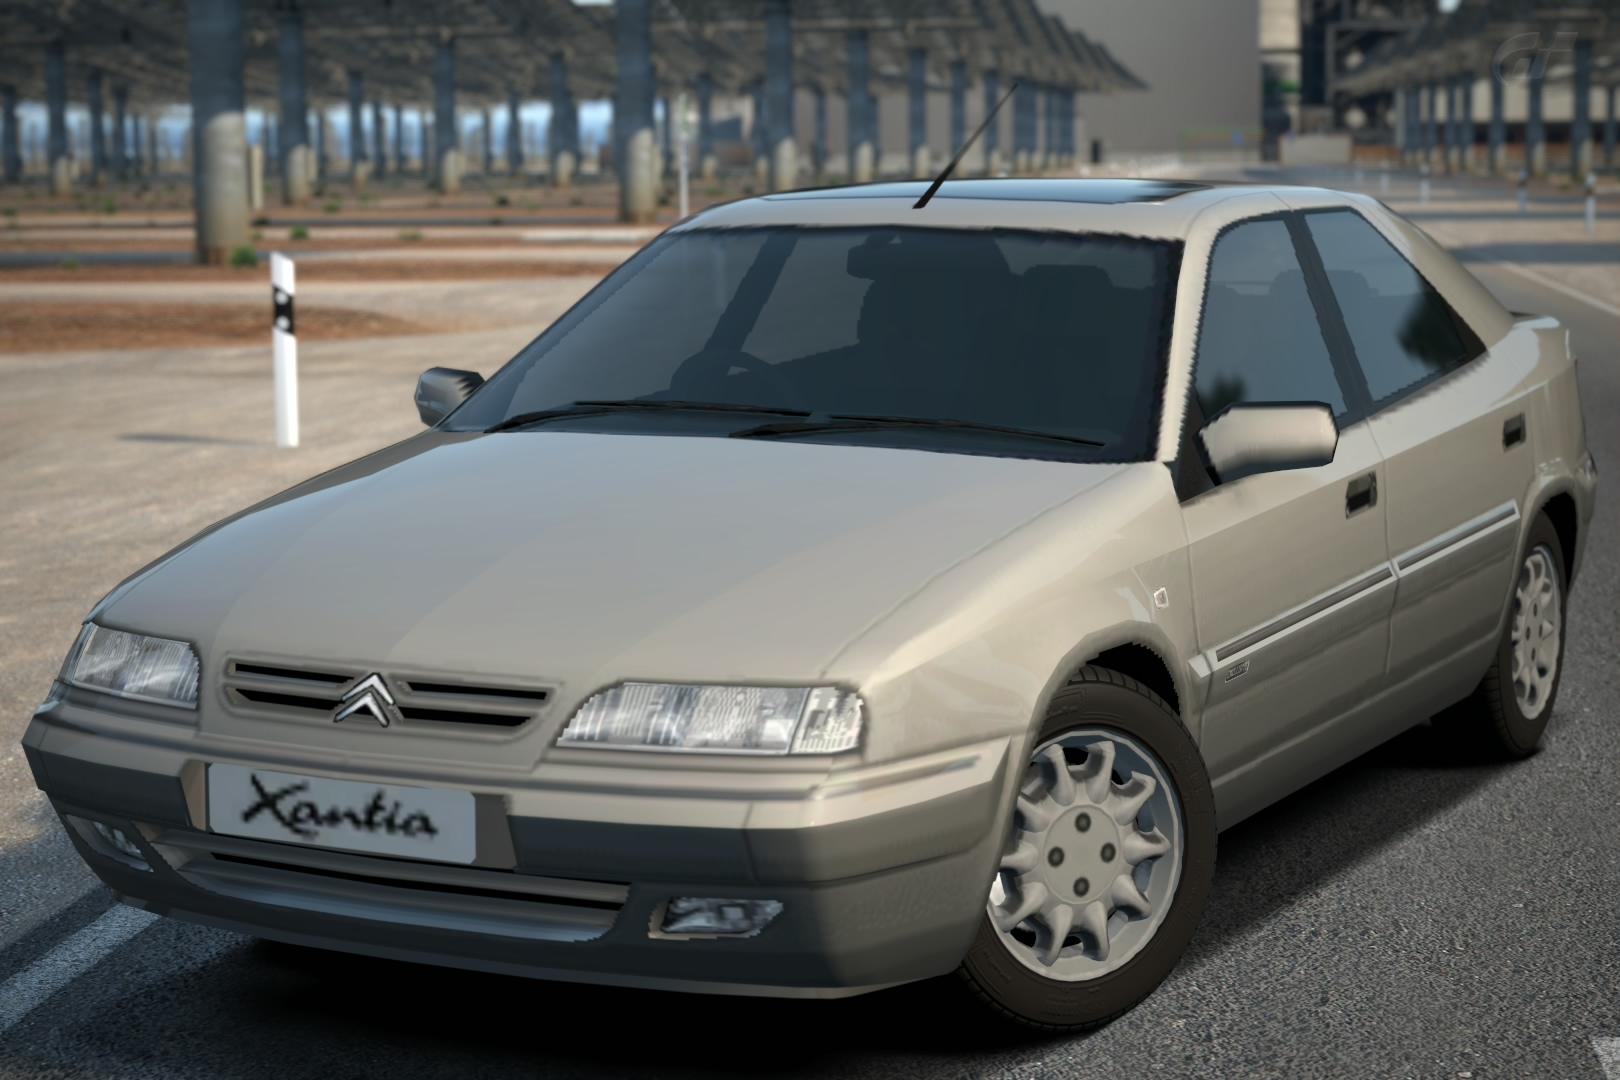 Citroën Xantia 3.0i V6 Exclusive '00